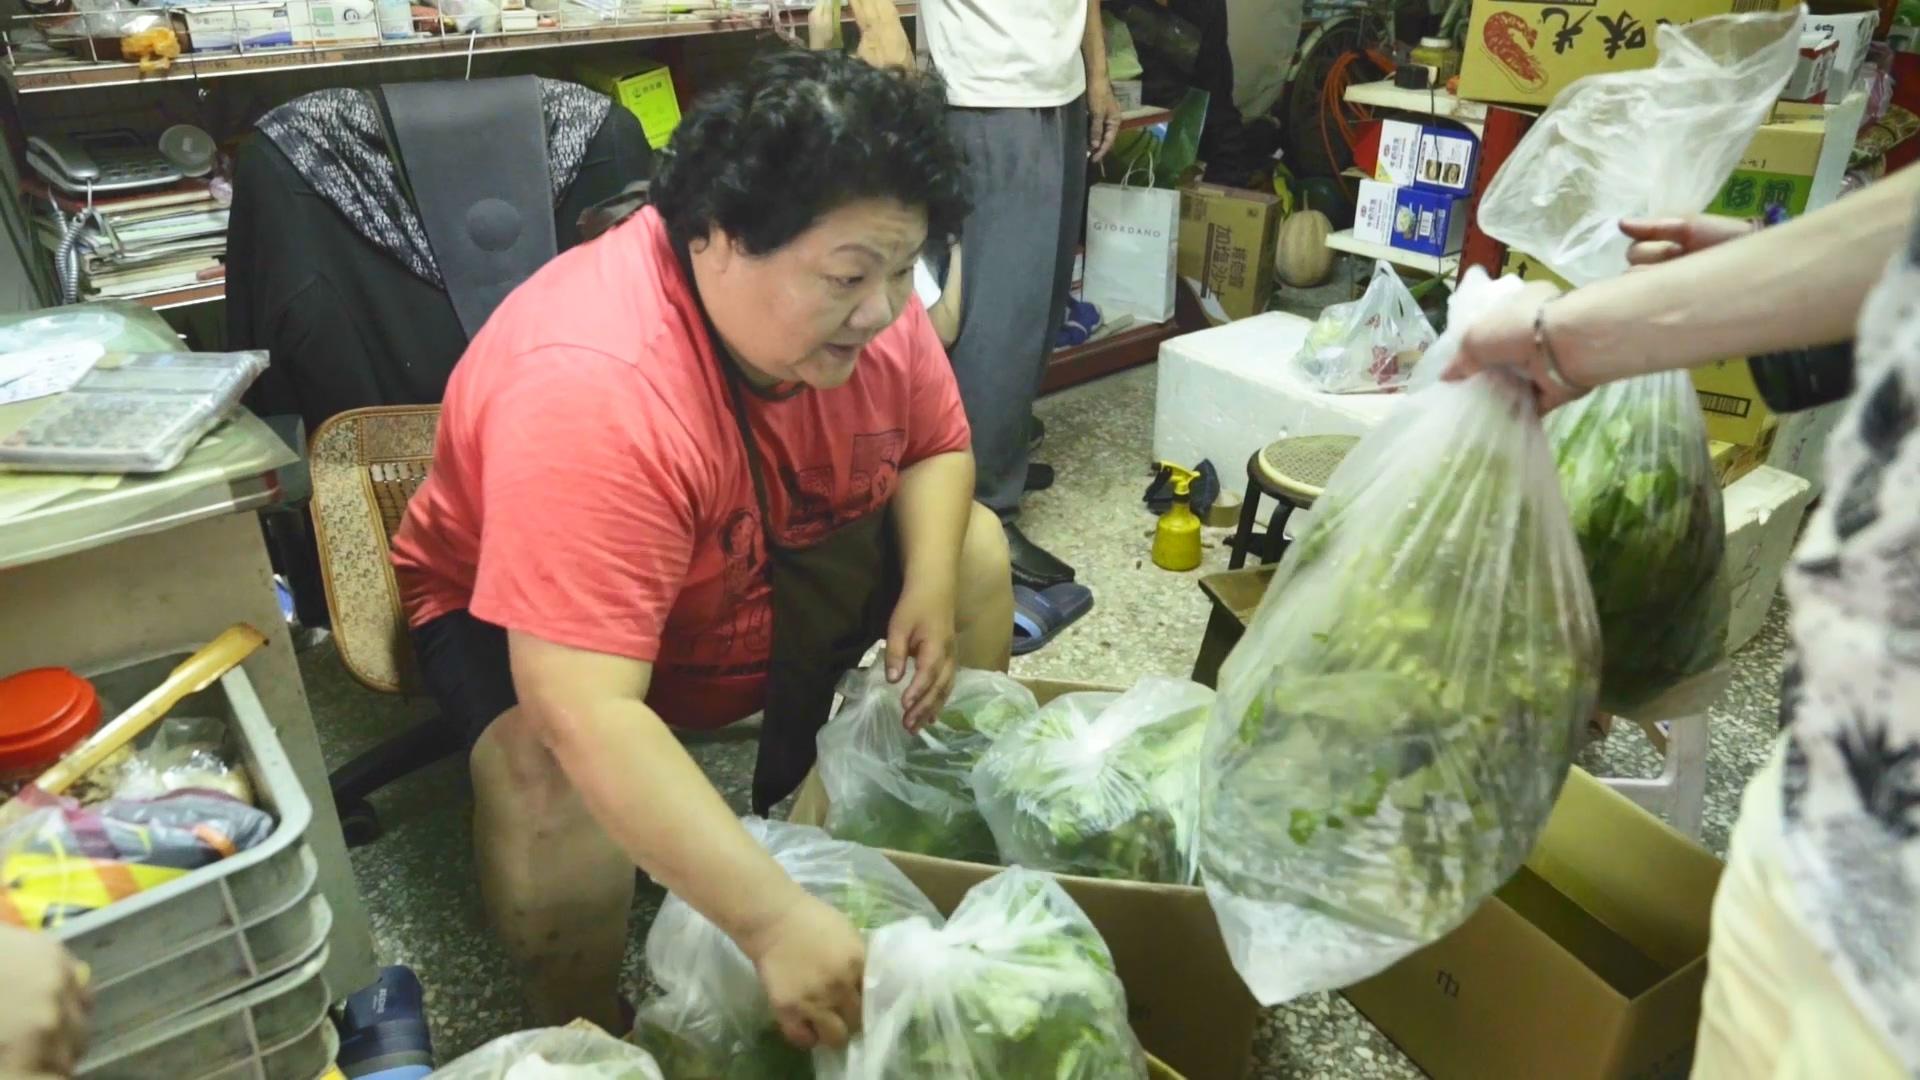 邱于恩的祖母協助分裝清洗好的有機蔬菜